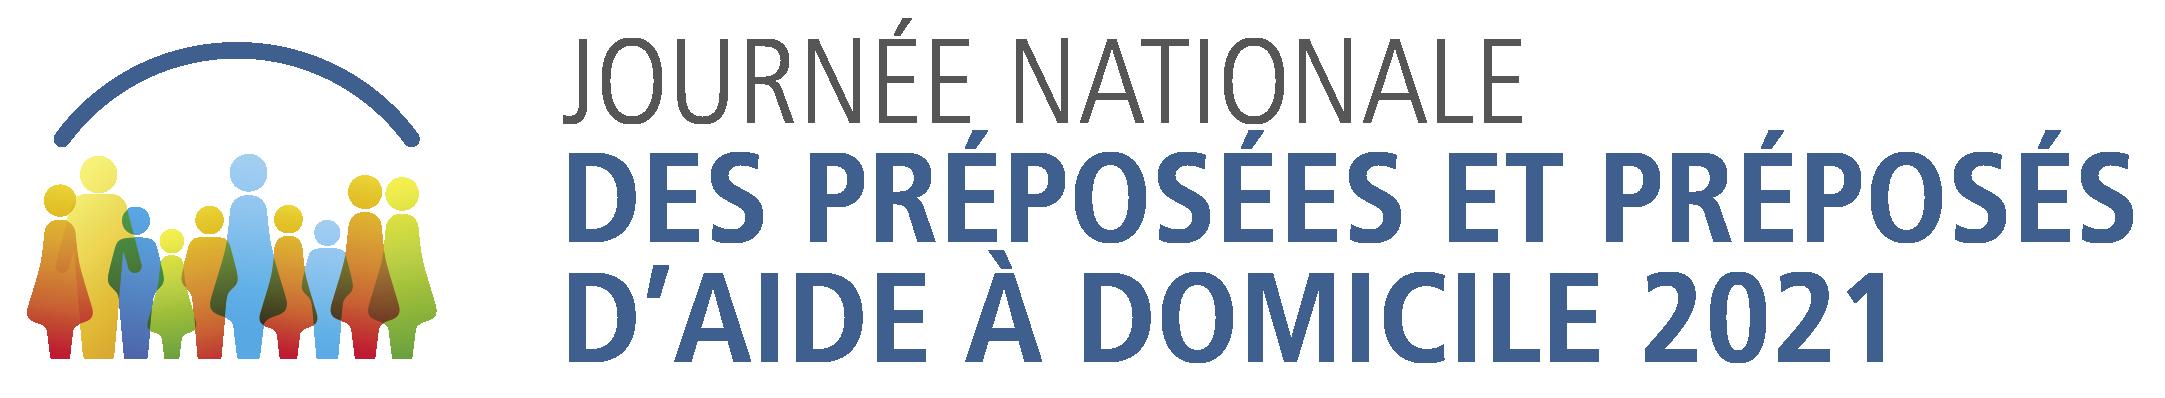 Journée nationale des préposées et préposés d'aide à domicile 2021